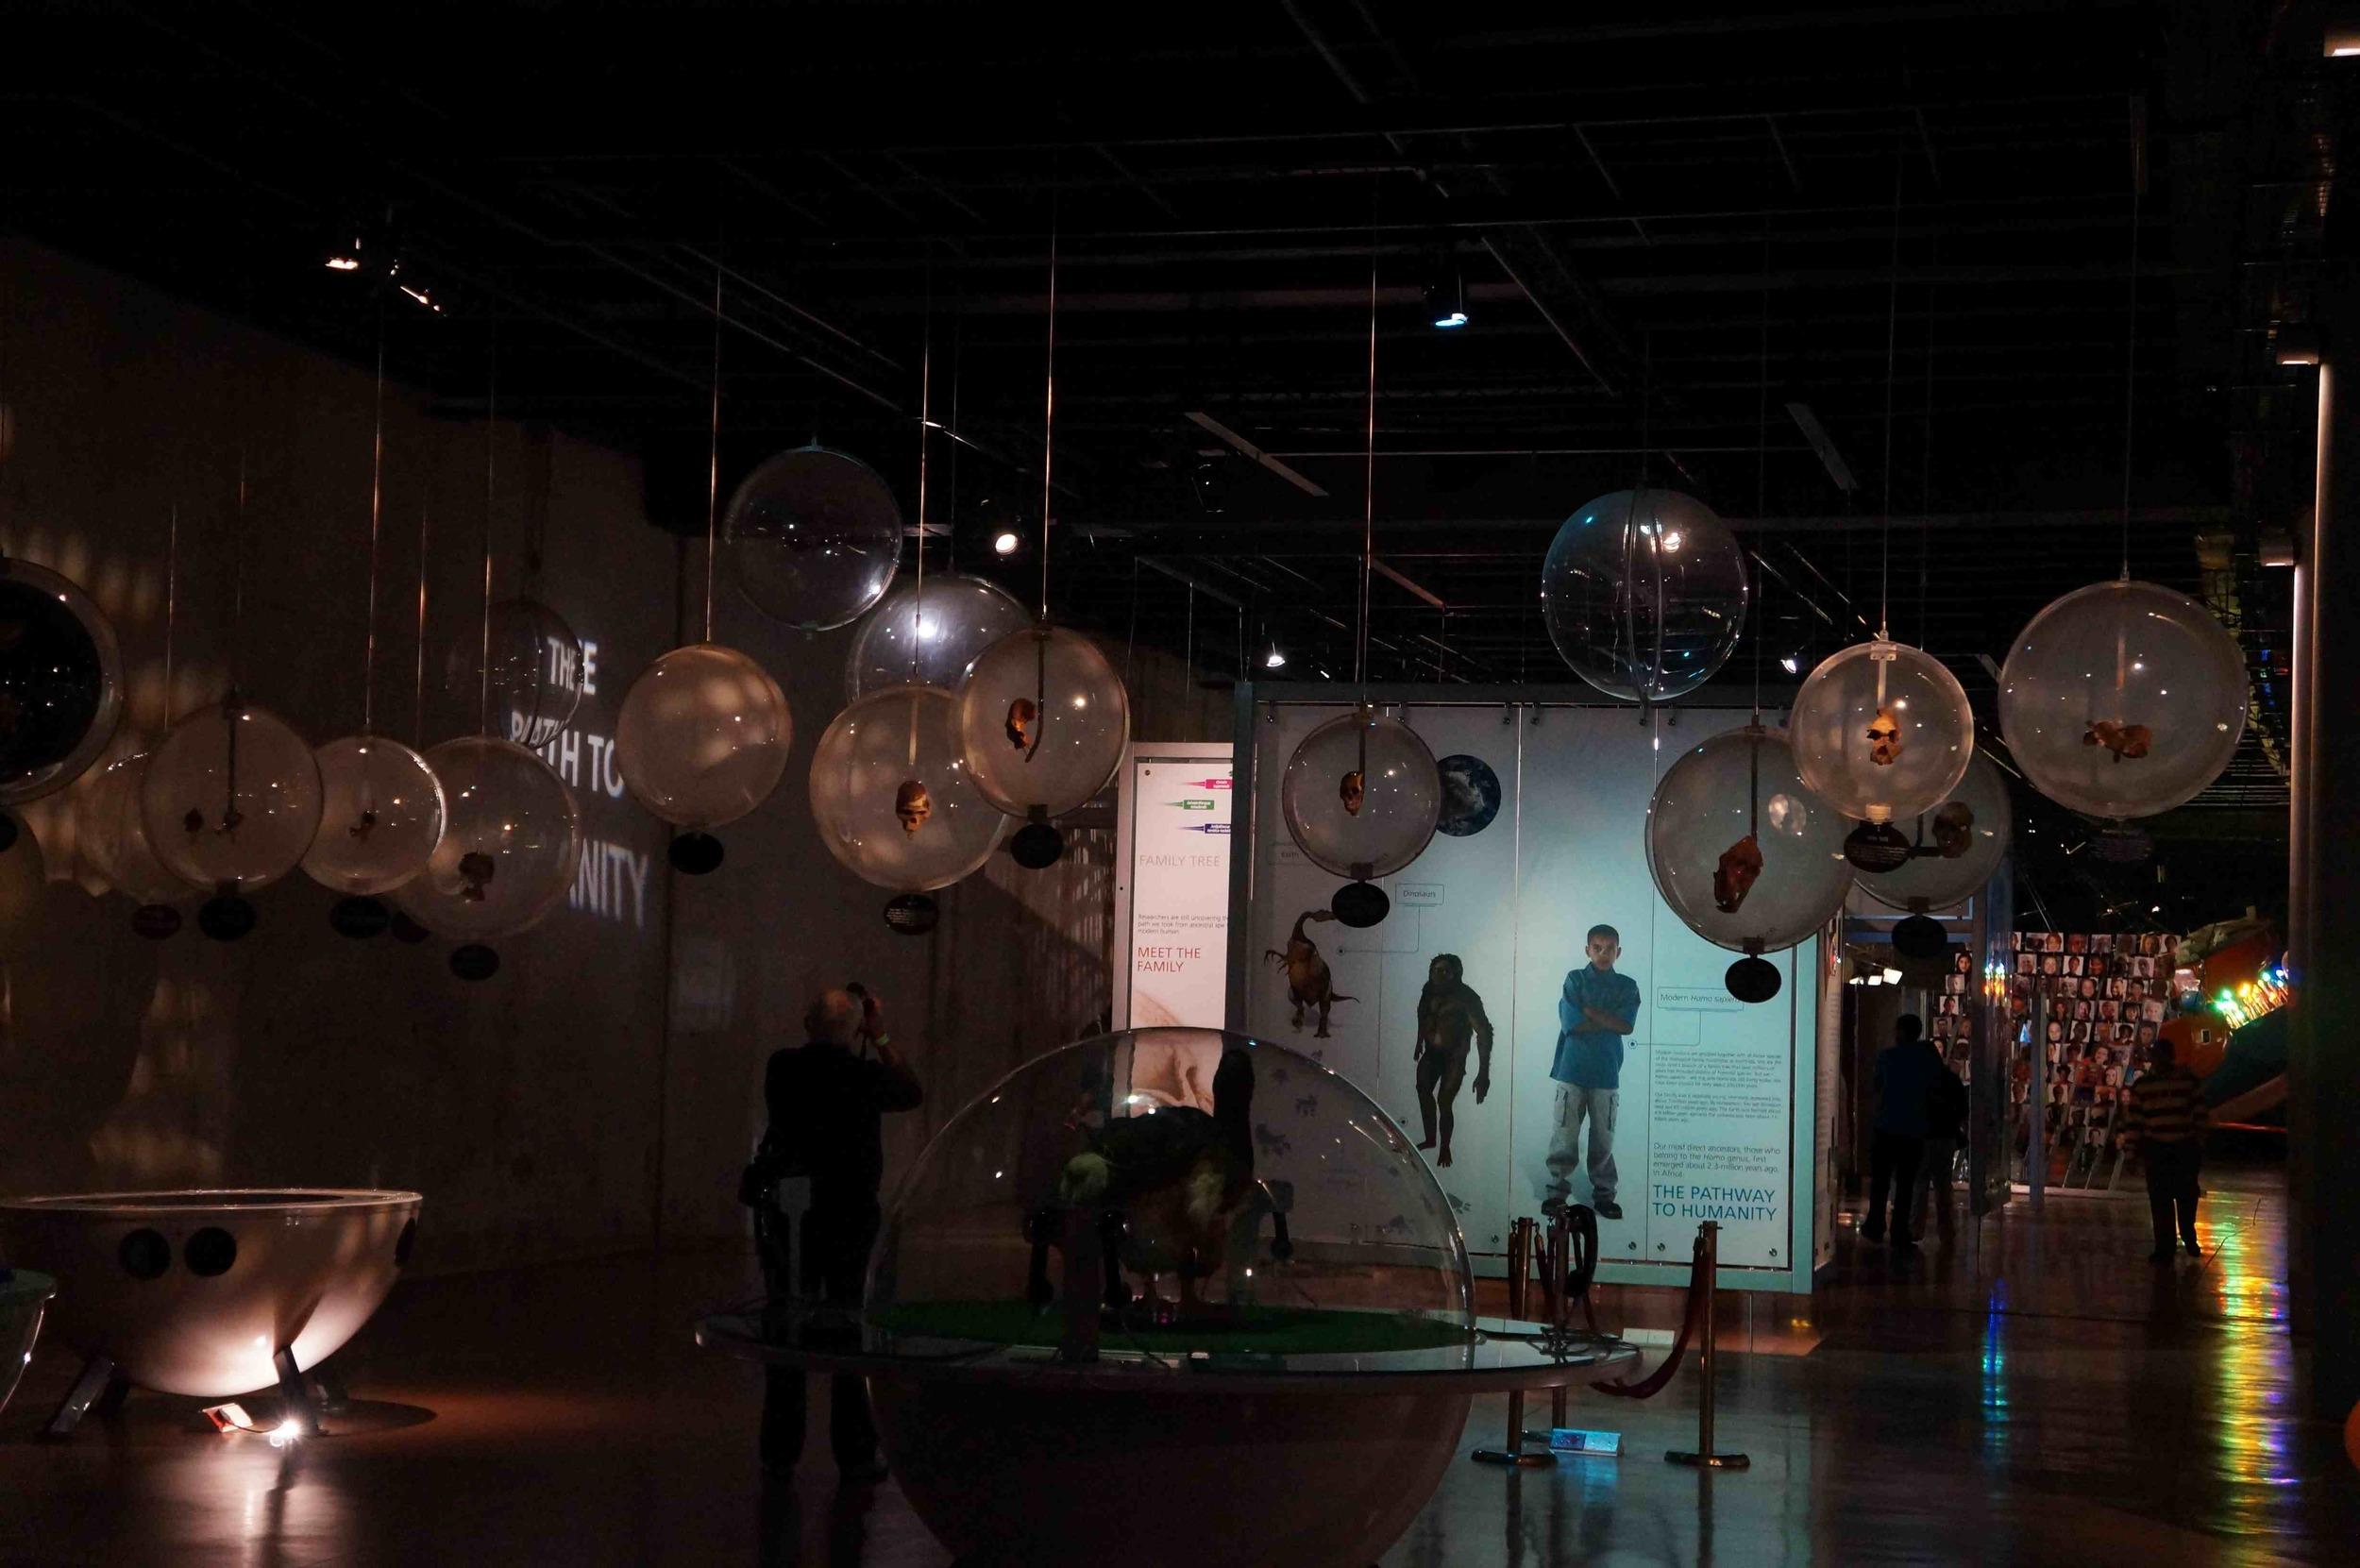 Bubbles Exhibit, Maropeng